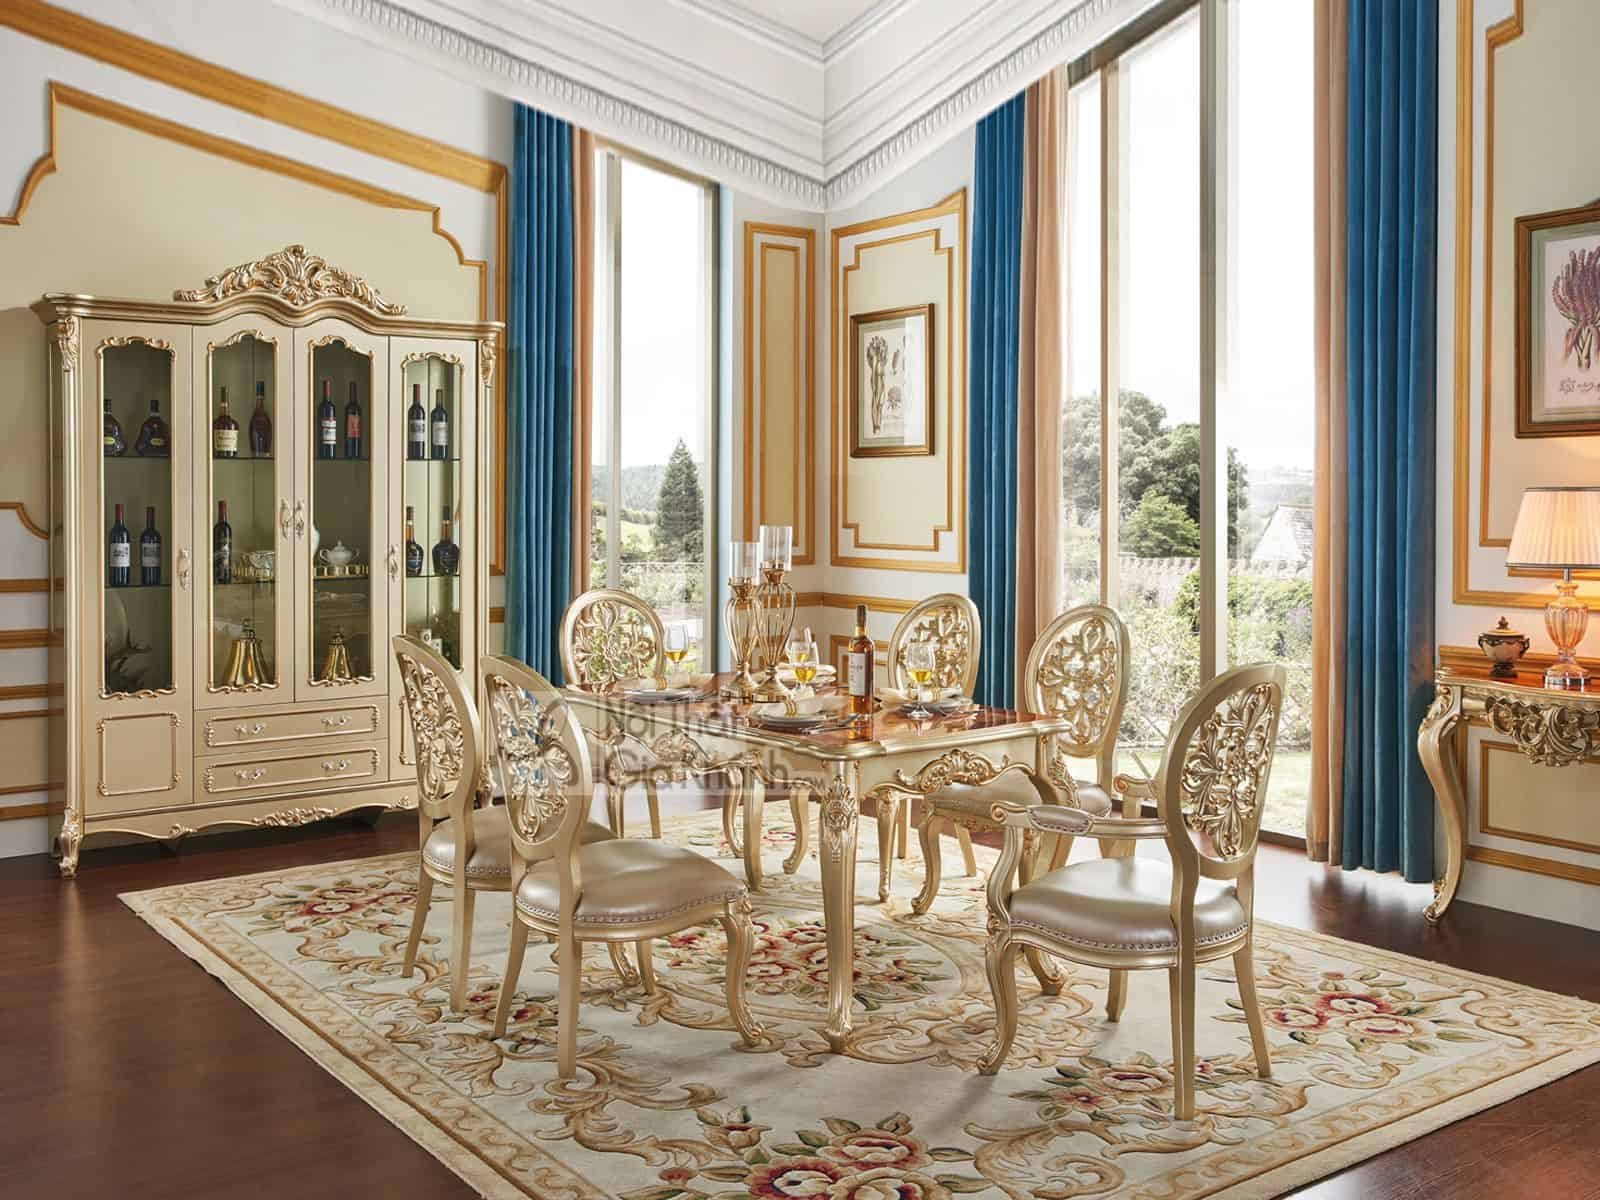 Bàn ăn 1m4 mặt gỗ Tân cổ điển màu vàng rượu Sampanh BA8801AG-14 đậm chất hoàng gia